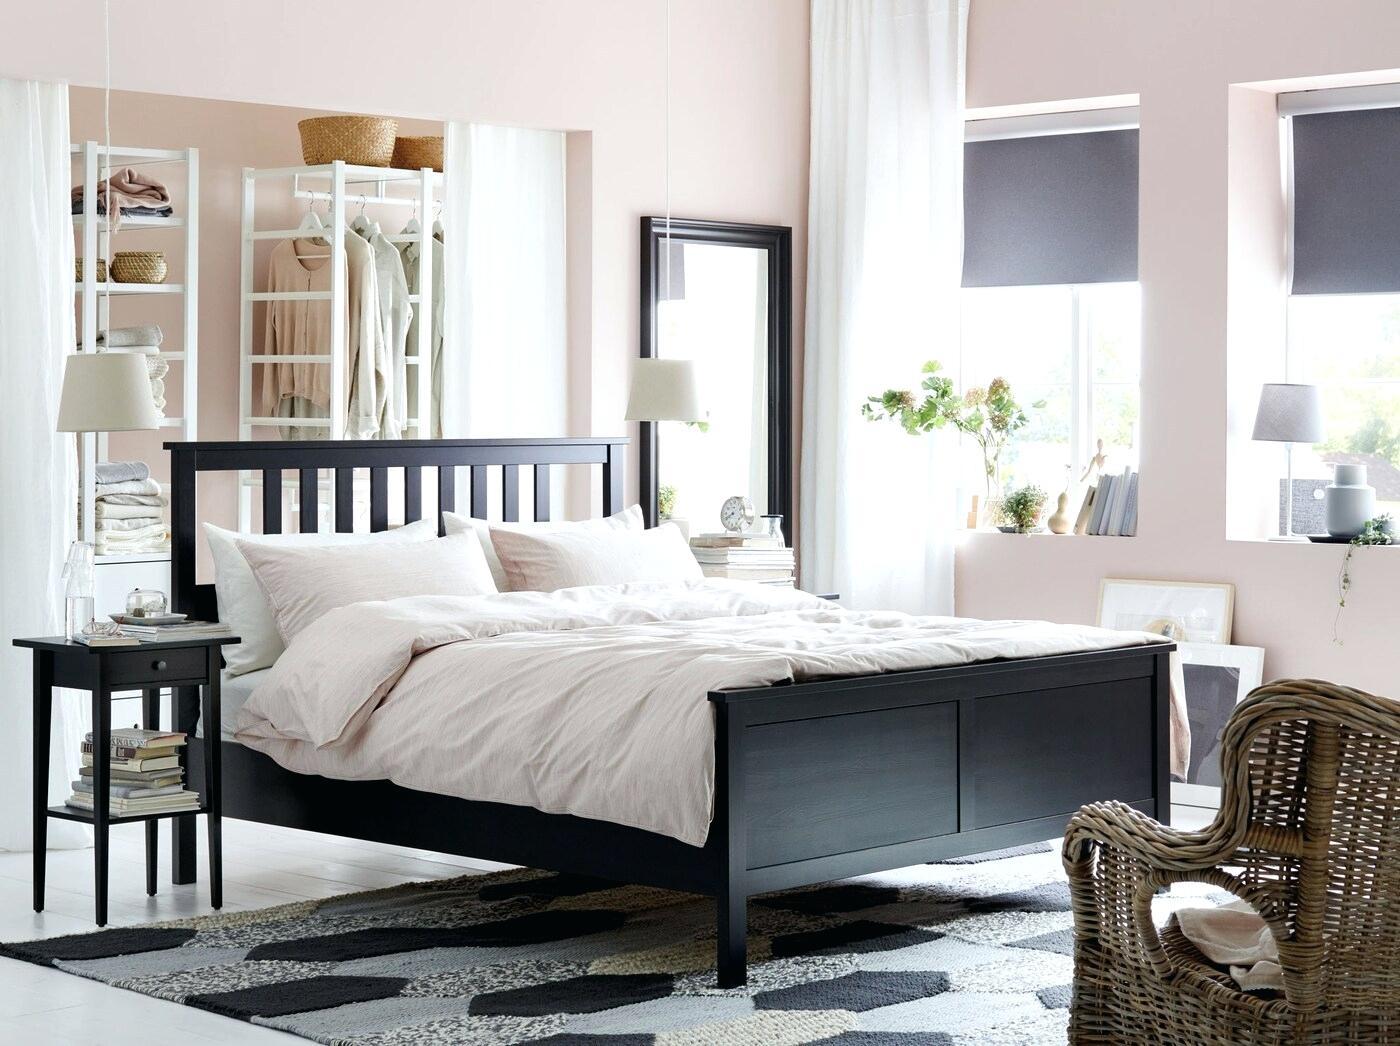 Full Size of Jugendzimmer Ikea Küche Kaufen Sofa Mit Schlaffunktion Bett Miniküche Modulküche Betten Bei Kosten 160x200 Wohnzimmer Jugendzimmer Ikea